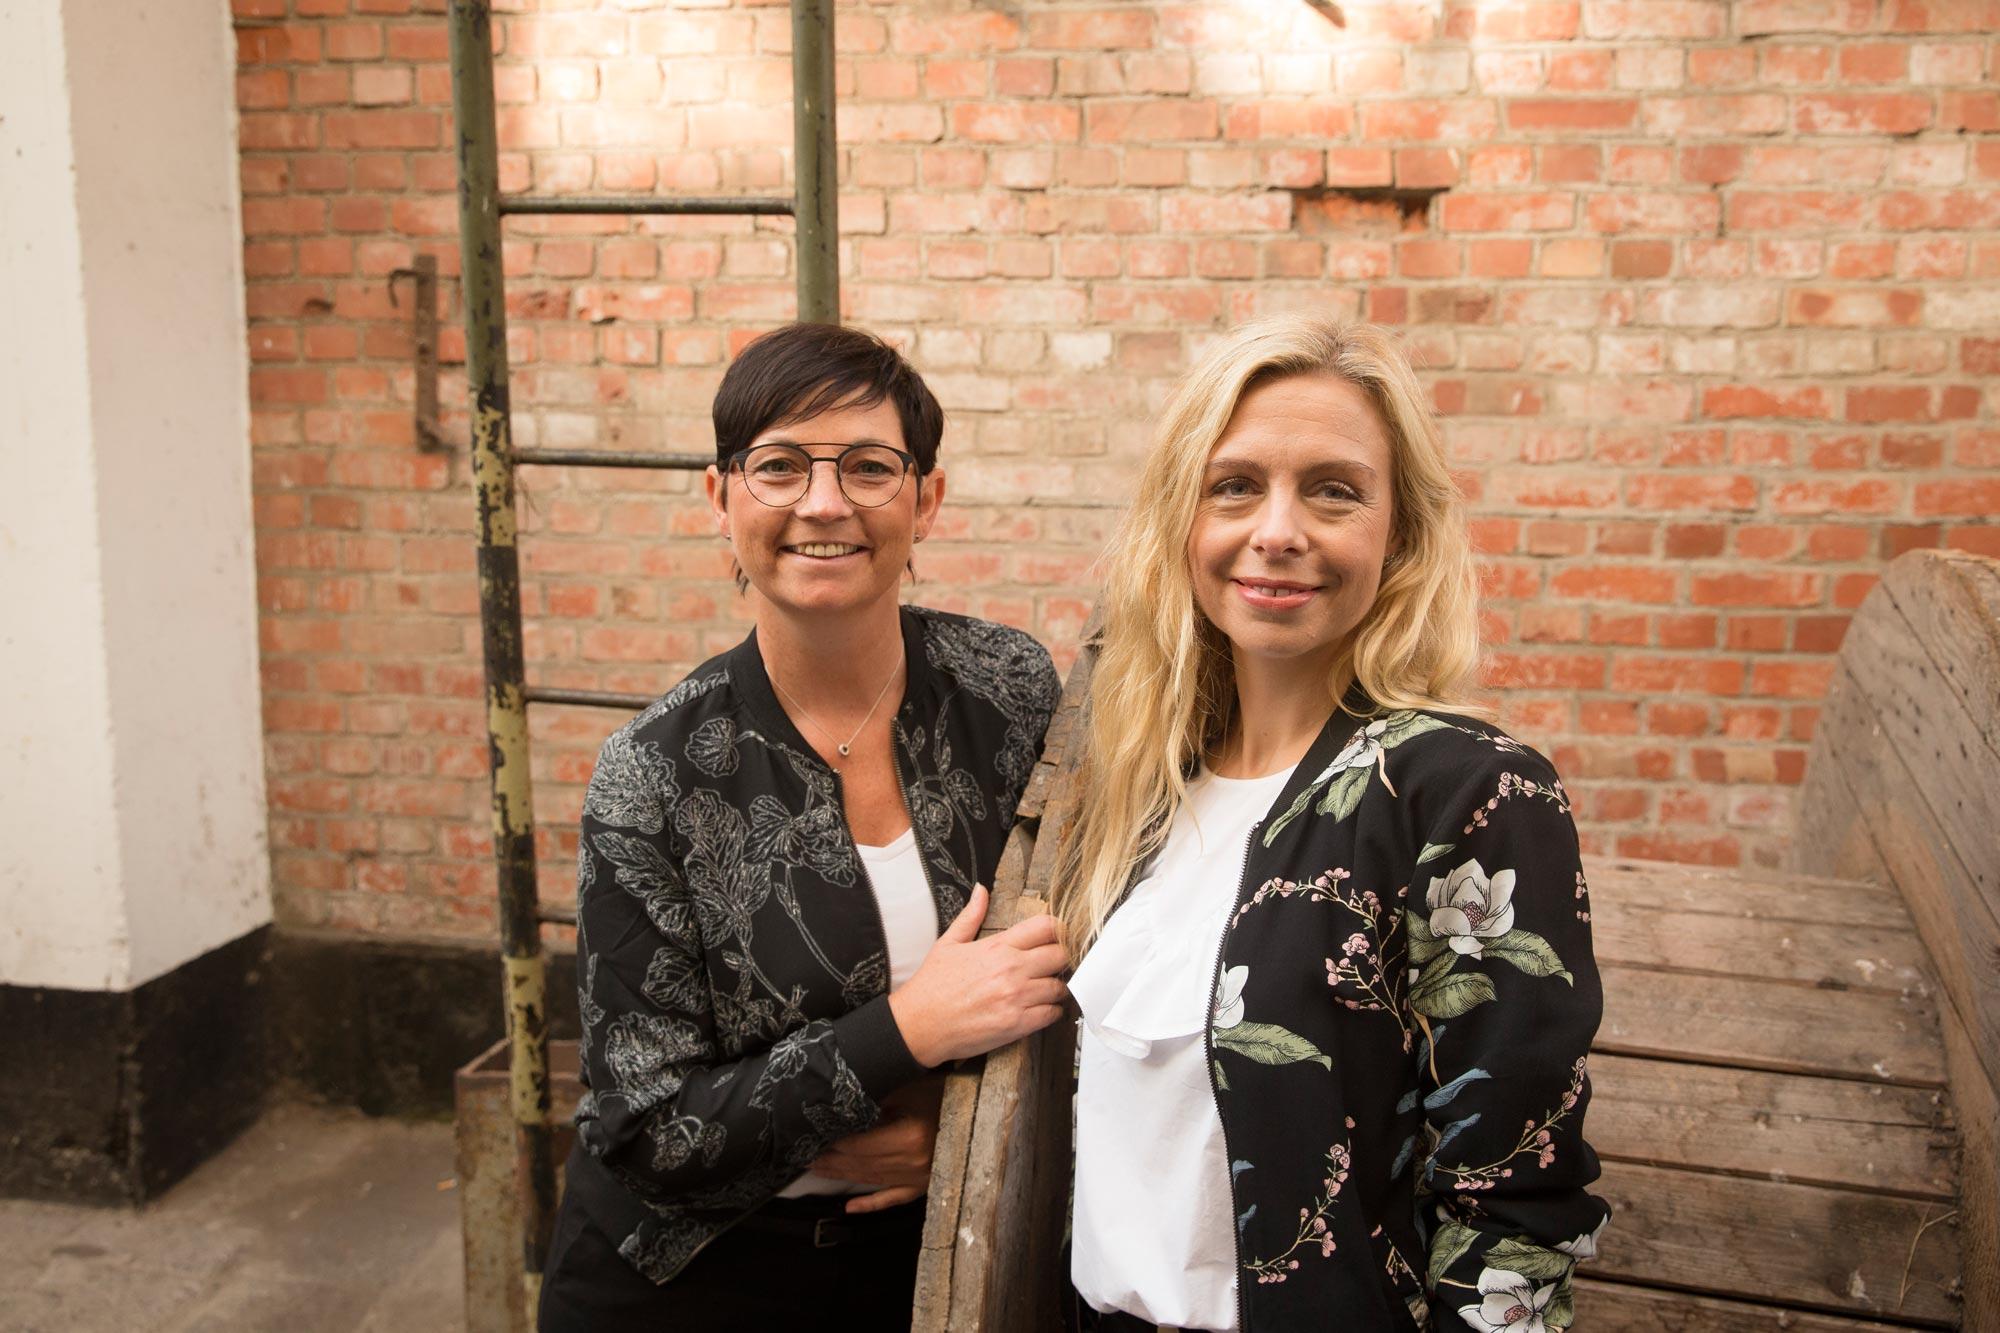 Sibylle Weinaug und Katrin Sagawe von Optik Sagawe in Rostock haben Freude am Sehen